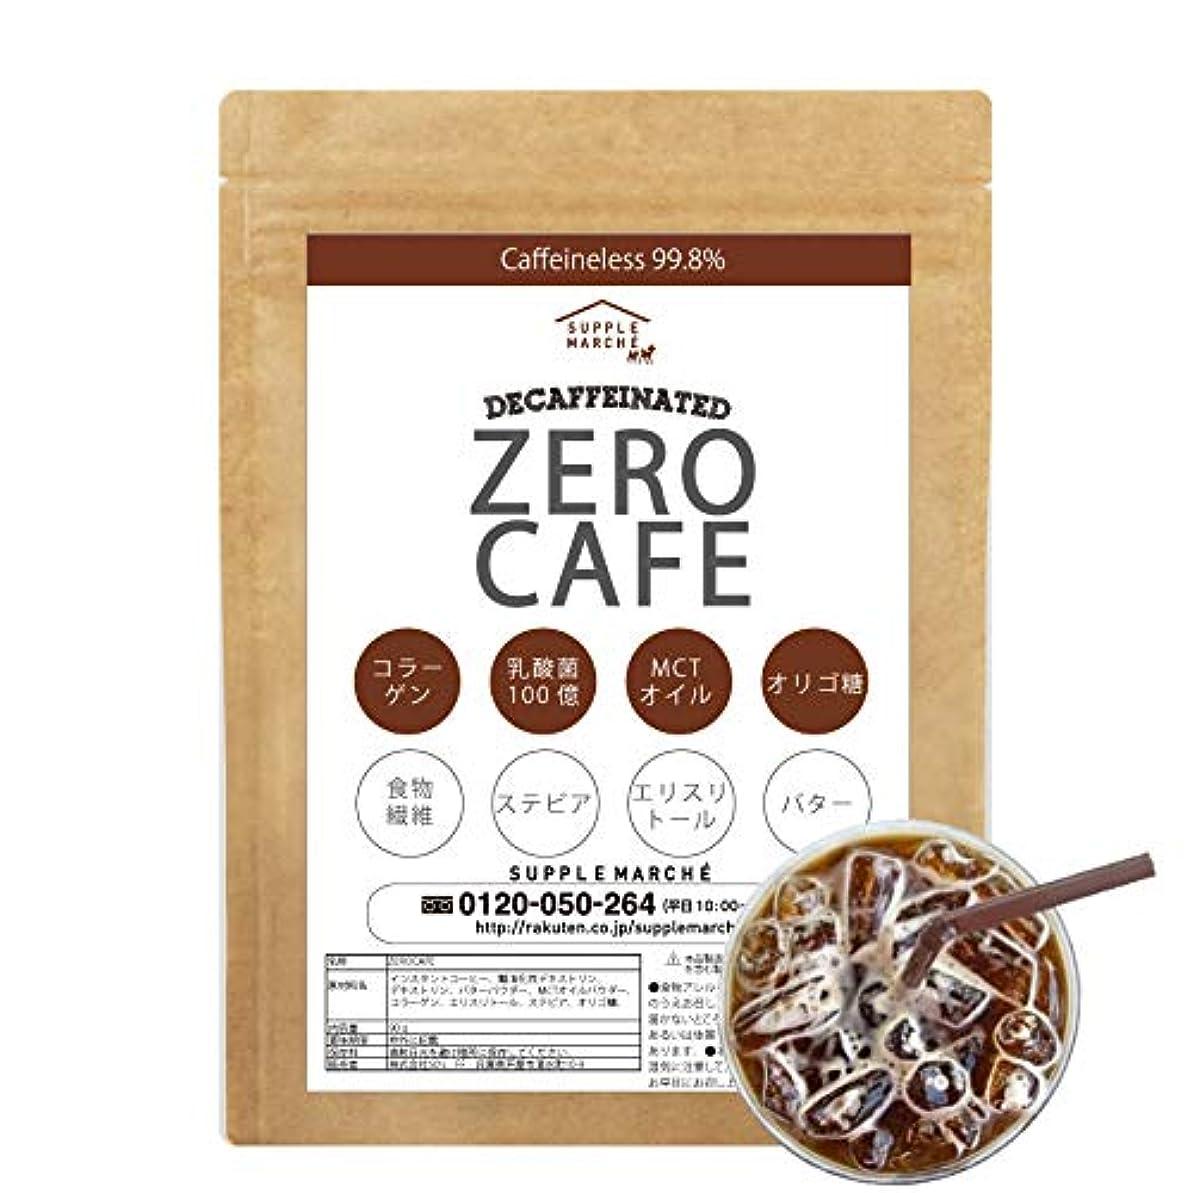 かもめアラーム驚かすダイエットコーヒー デカフェ バターコーヒー 90g (約30杯) アイスコーヒー カフェインレス MCTオイル 乳酸菌 コラーゲン オリゴ糖 ダイエット シリコンバレー式